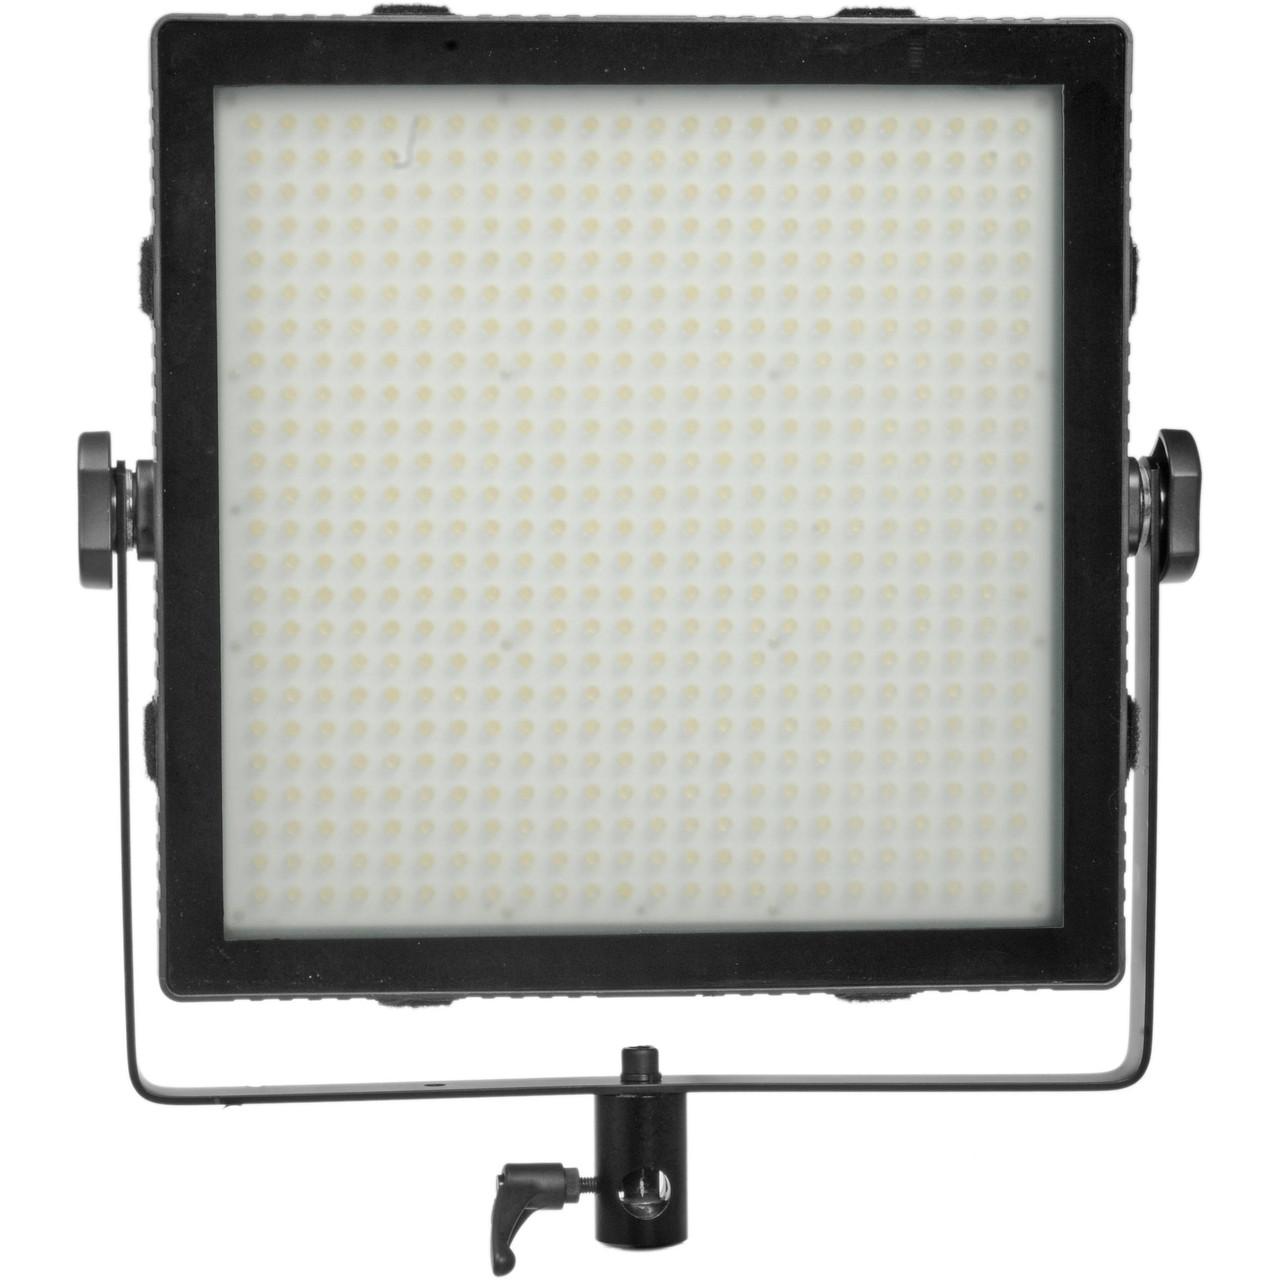 Dedolight Felloni Tecpro 15 Degree High Output Daylight LED Light (TP-LONI-D15HO)